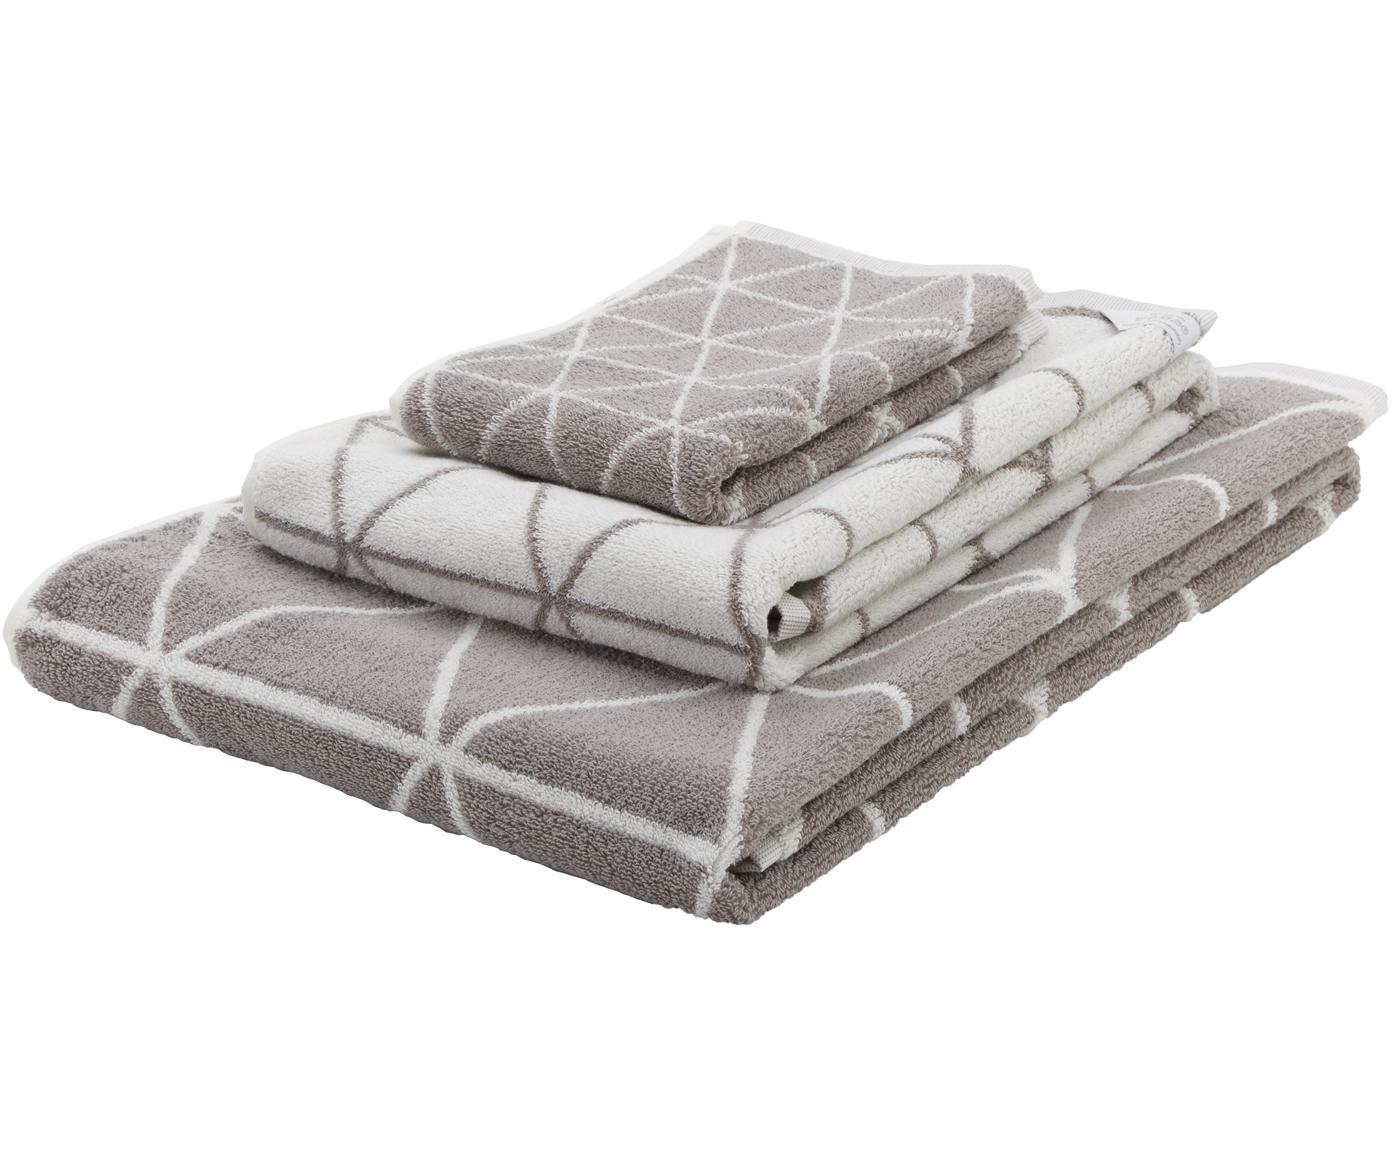 Dubbelzijdige handdoek-set Elina met grafisch patroon, 3-delig, Taupe, crèmewit, Verschillende formaten